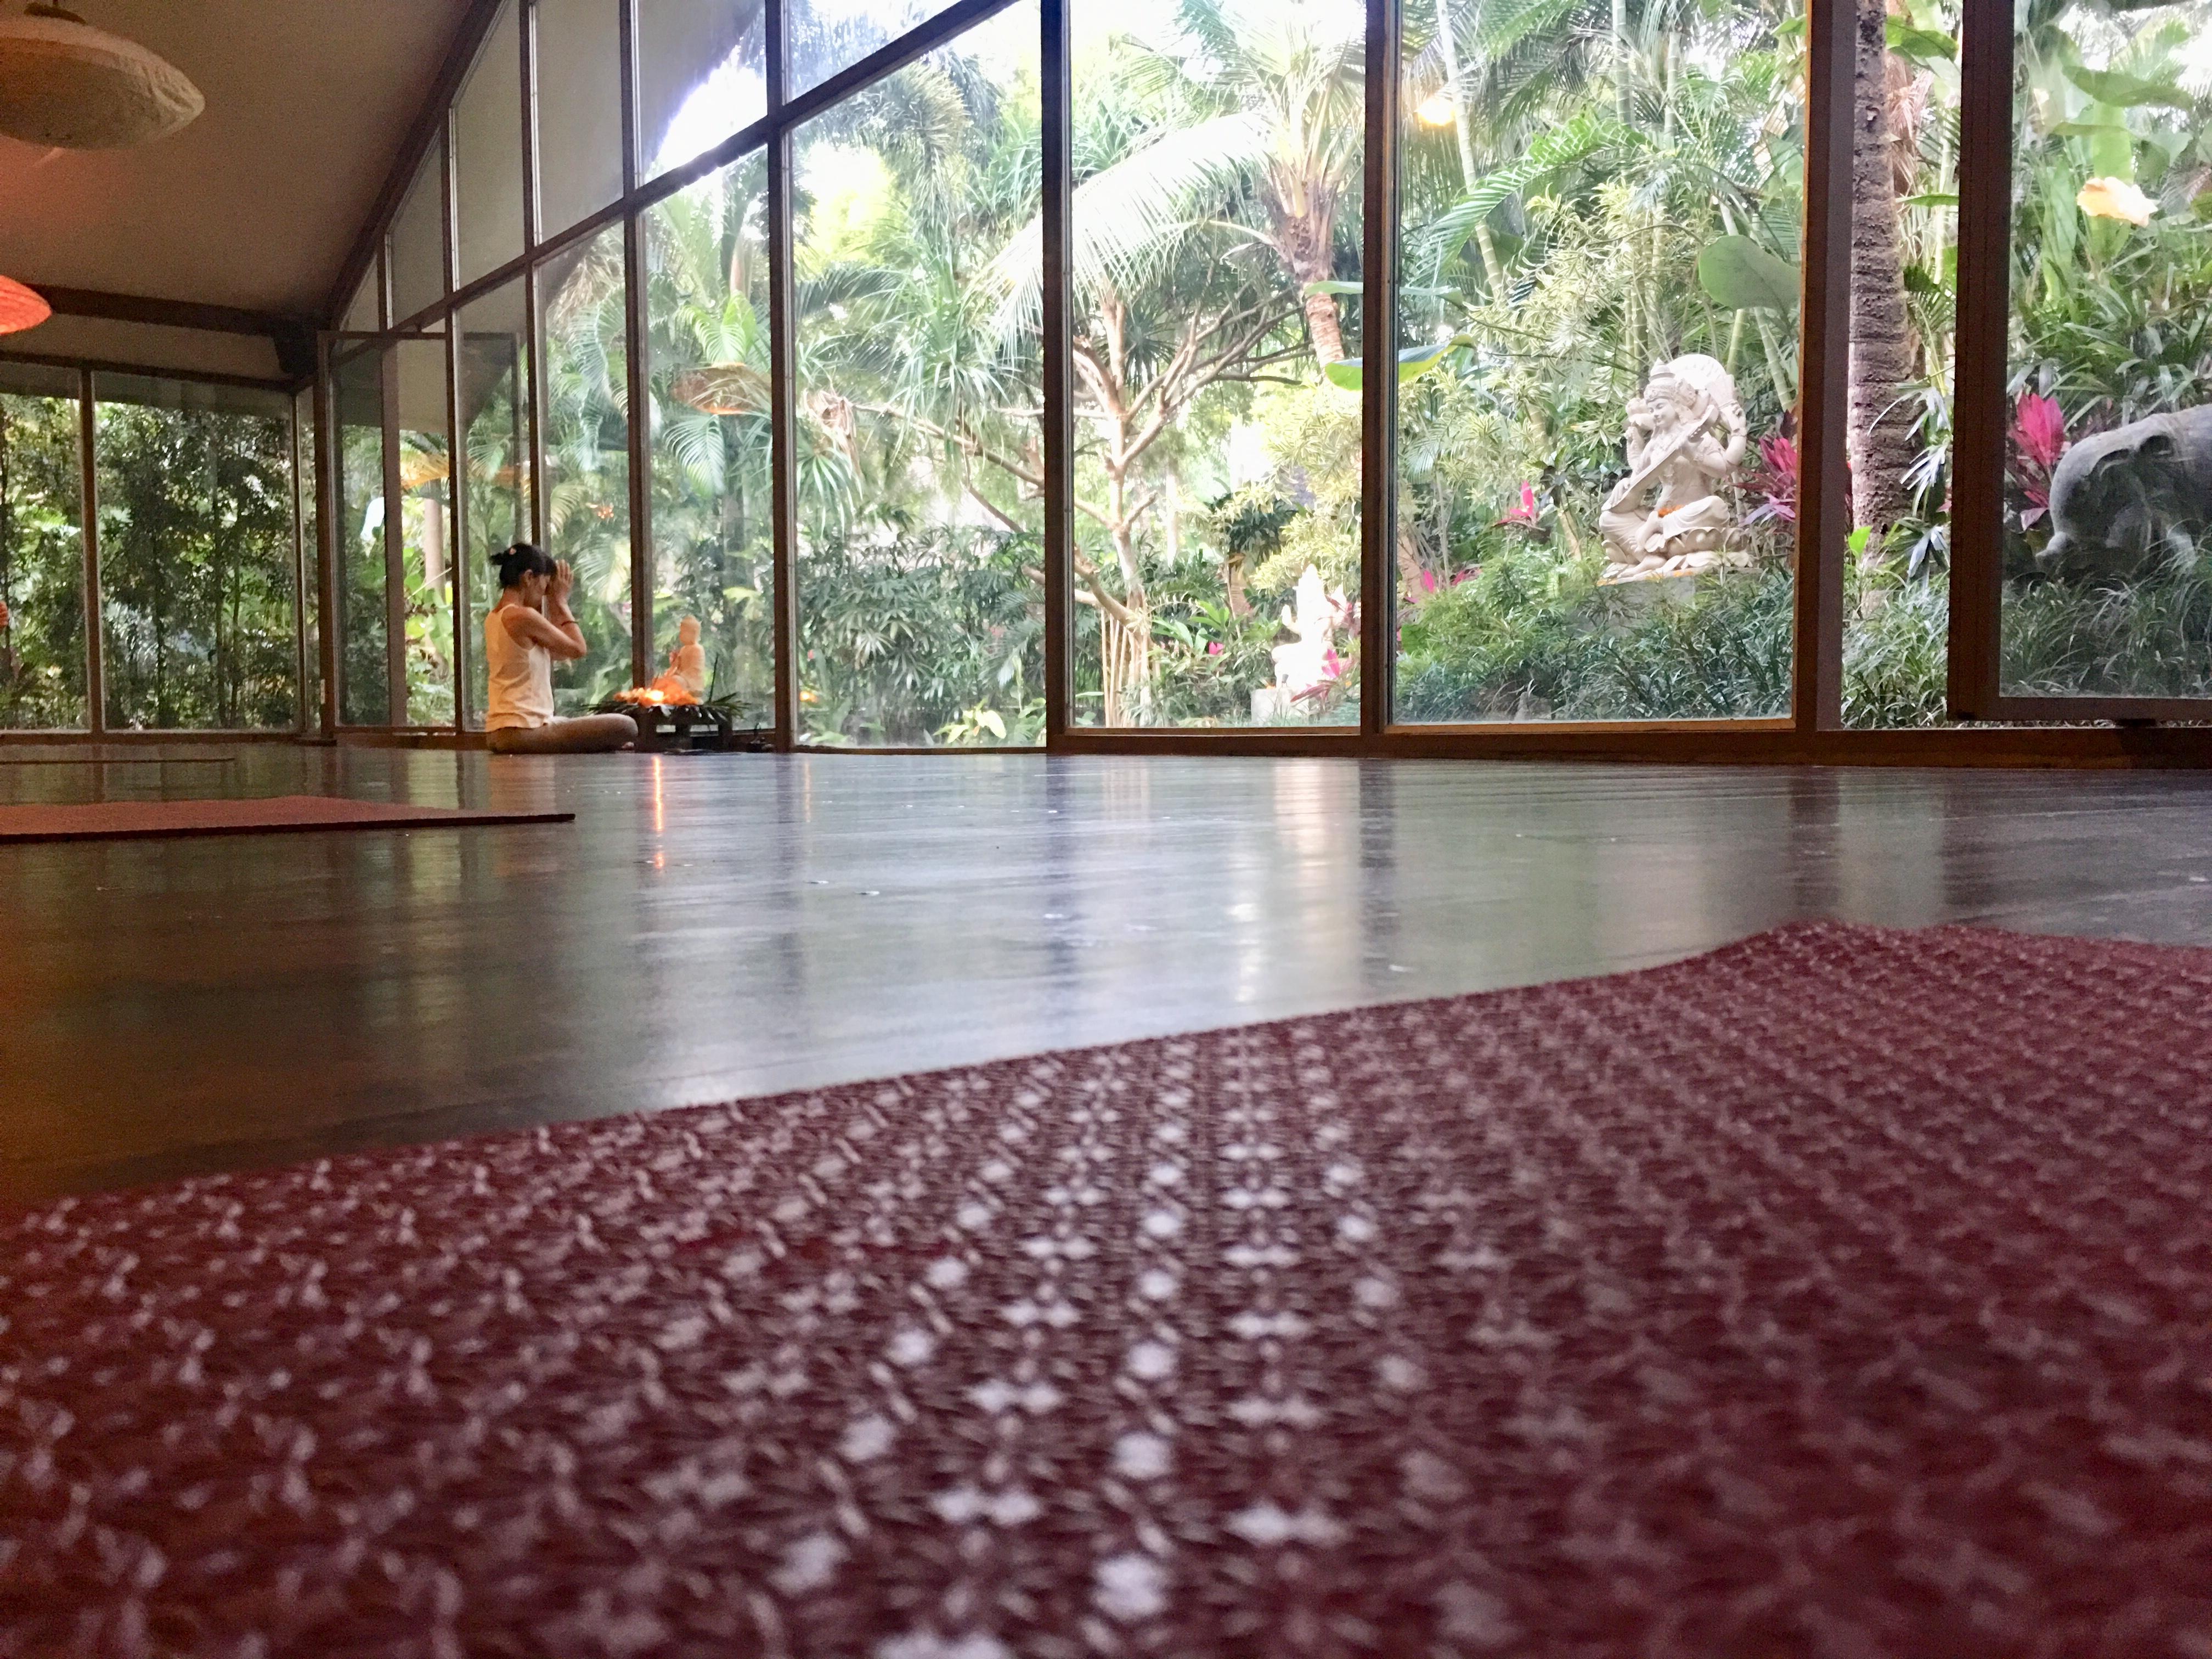 Mi experiencia opinión sobre The Yoga Barn en Bali